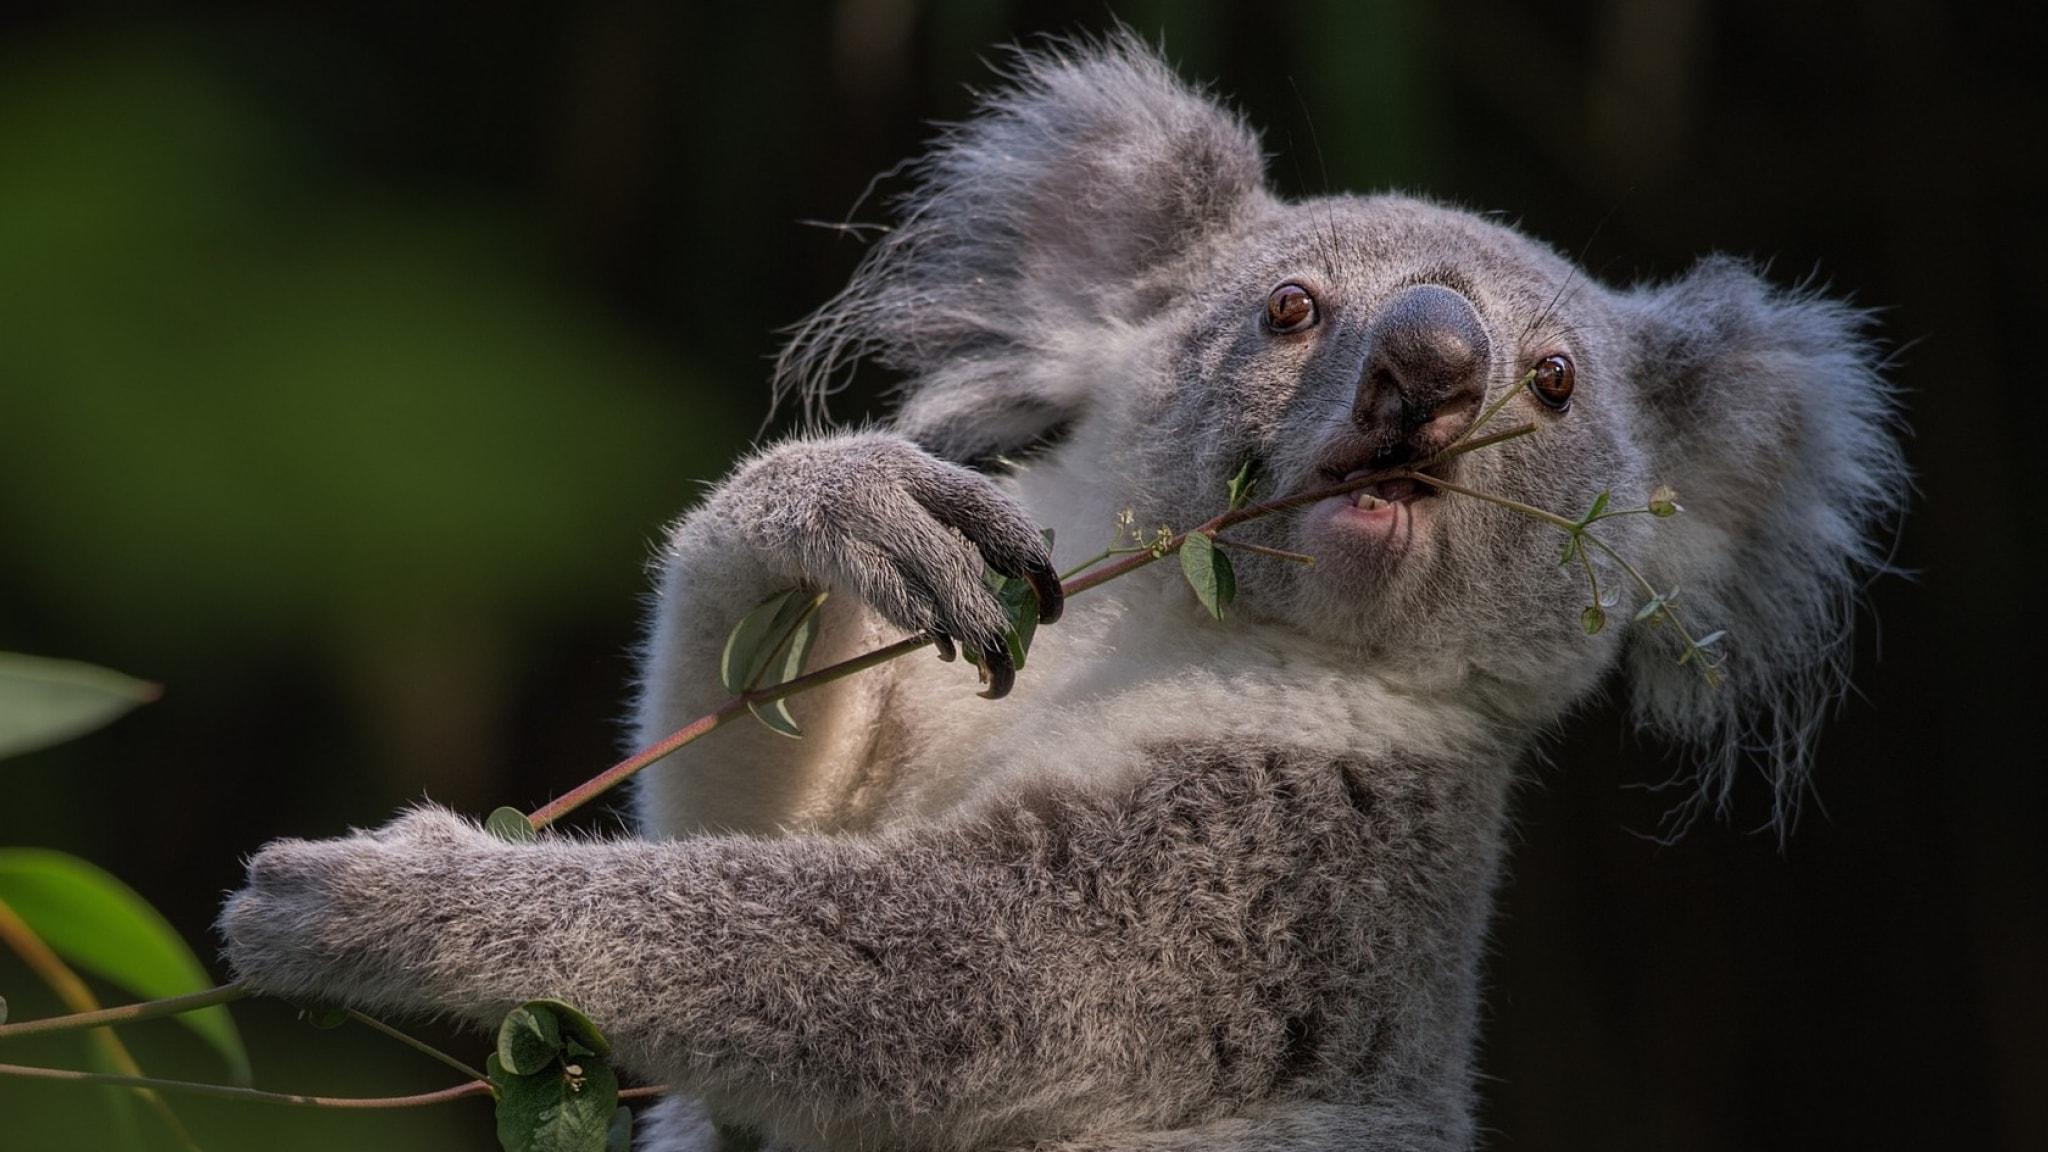 Koala HD Desktop Wallpapers | 7wallpapers.net